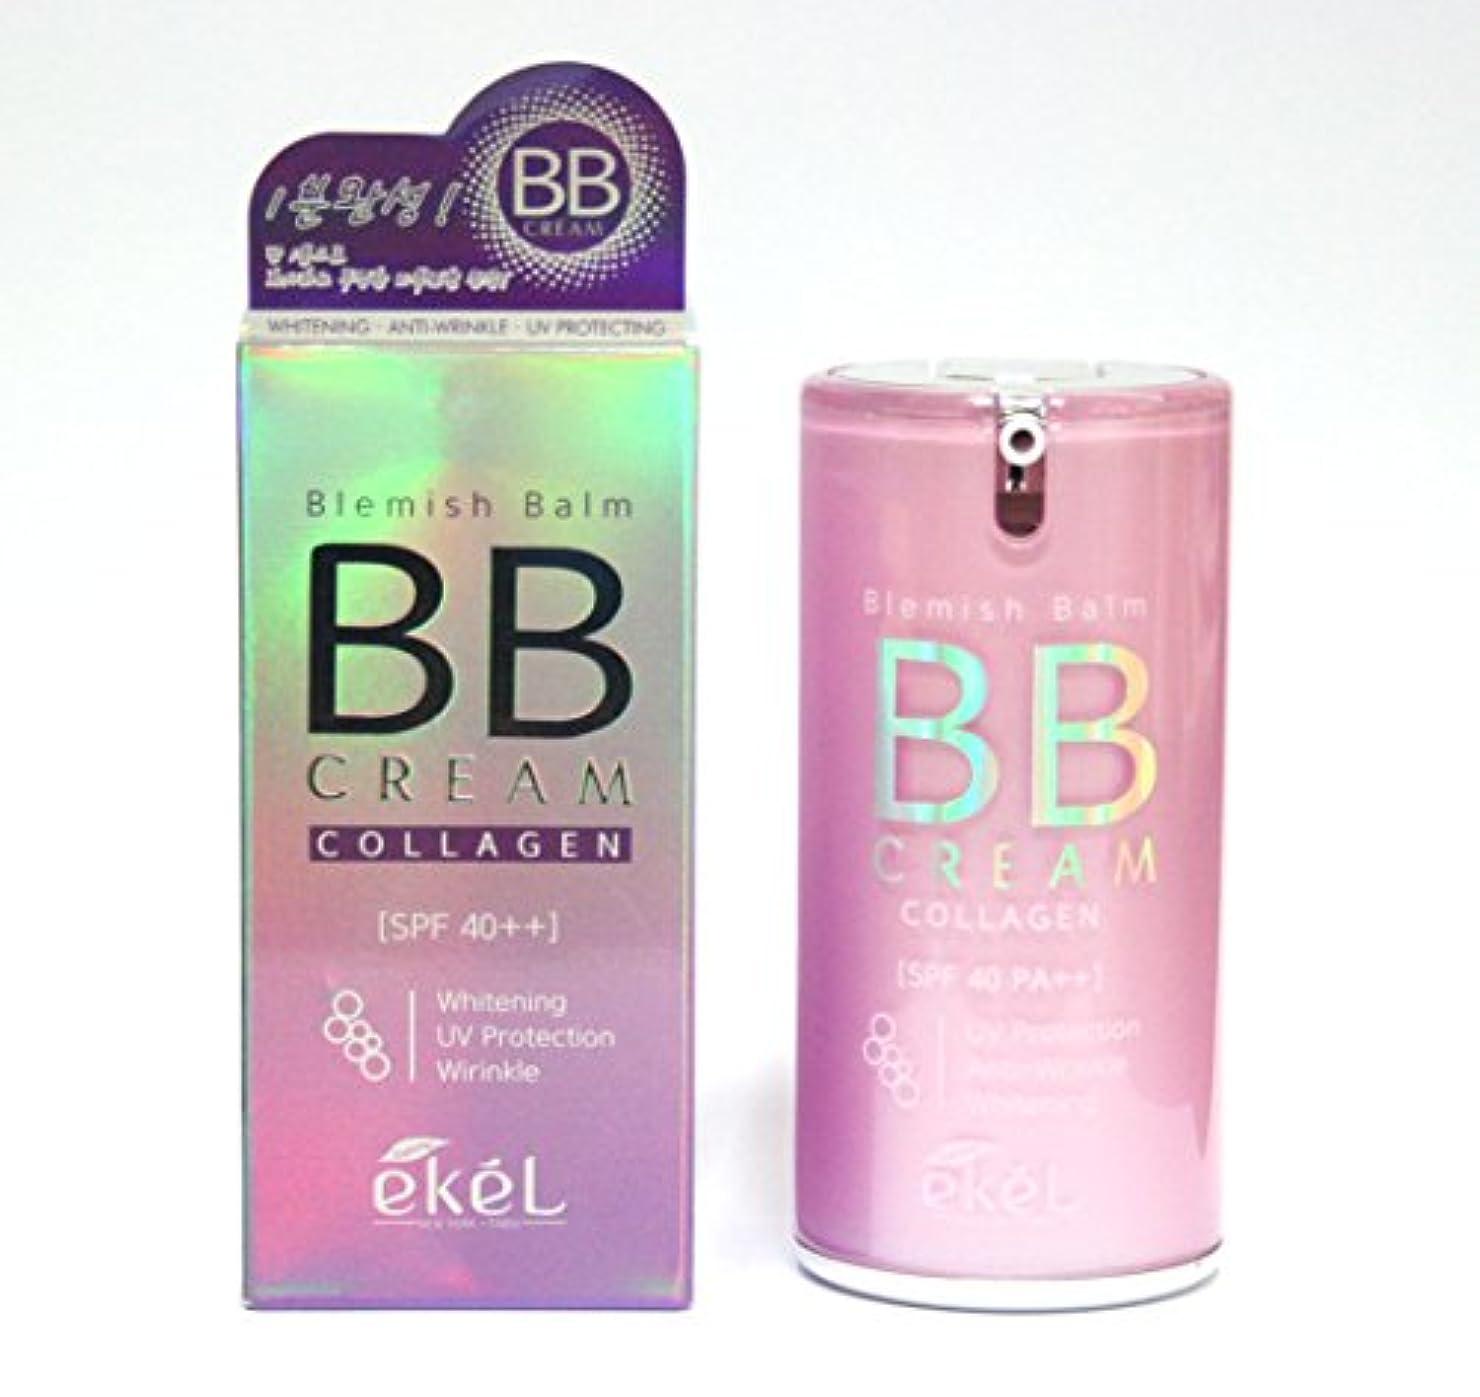 飼料読書複雑な[EKEL] ブレミッシュバームコラーゲンBBクリーム50g / Blemish Balm Collagen BB Cream 50g /ホワイトニング、UV保護、しわ / whitening, uv protection...